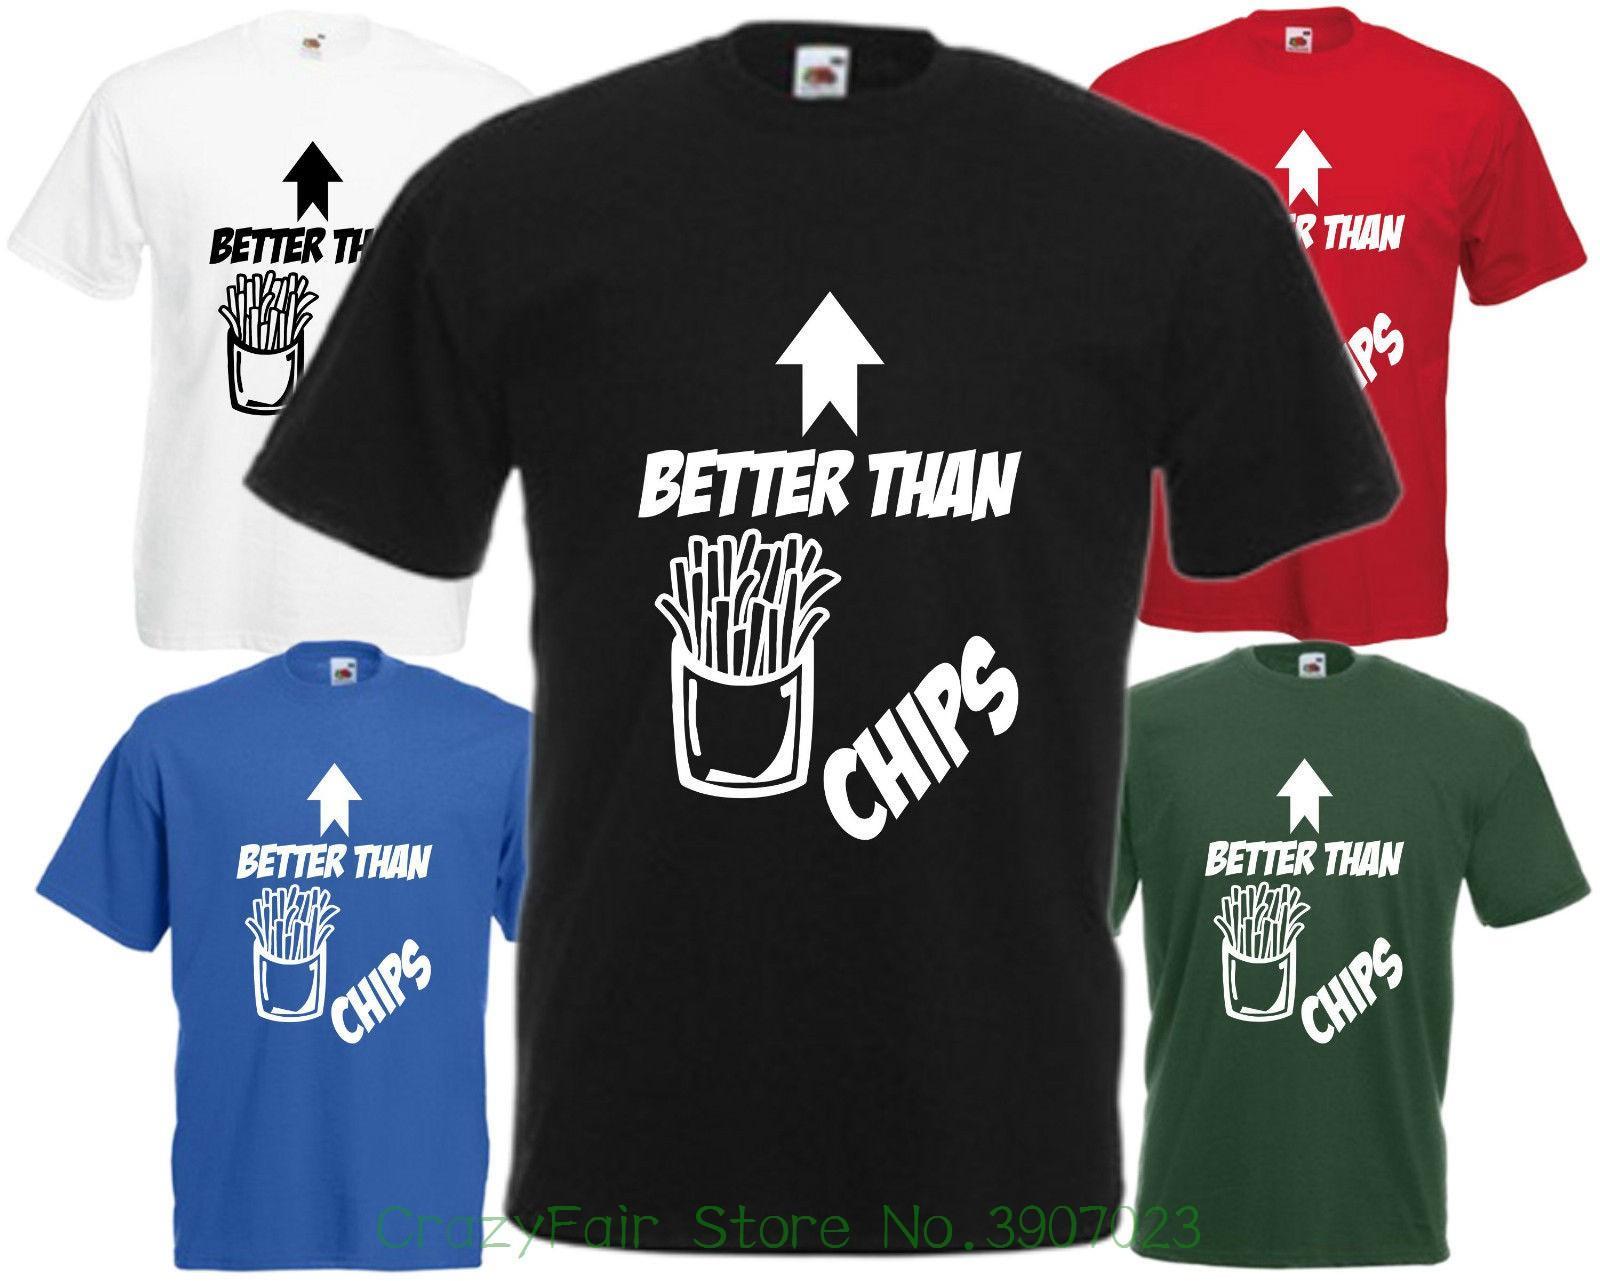 Top Ten Weihnachtsessen.Besser Als Chips T Shirt Weihnachten Oberteil Comedy Vatertag Nahrung T Shirt Summer Famous Clothing